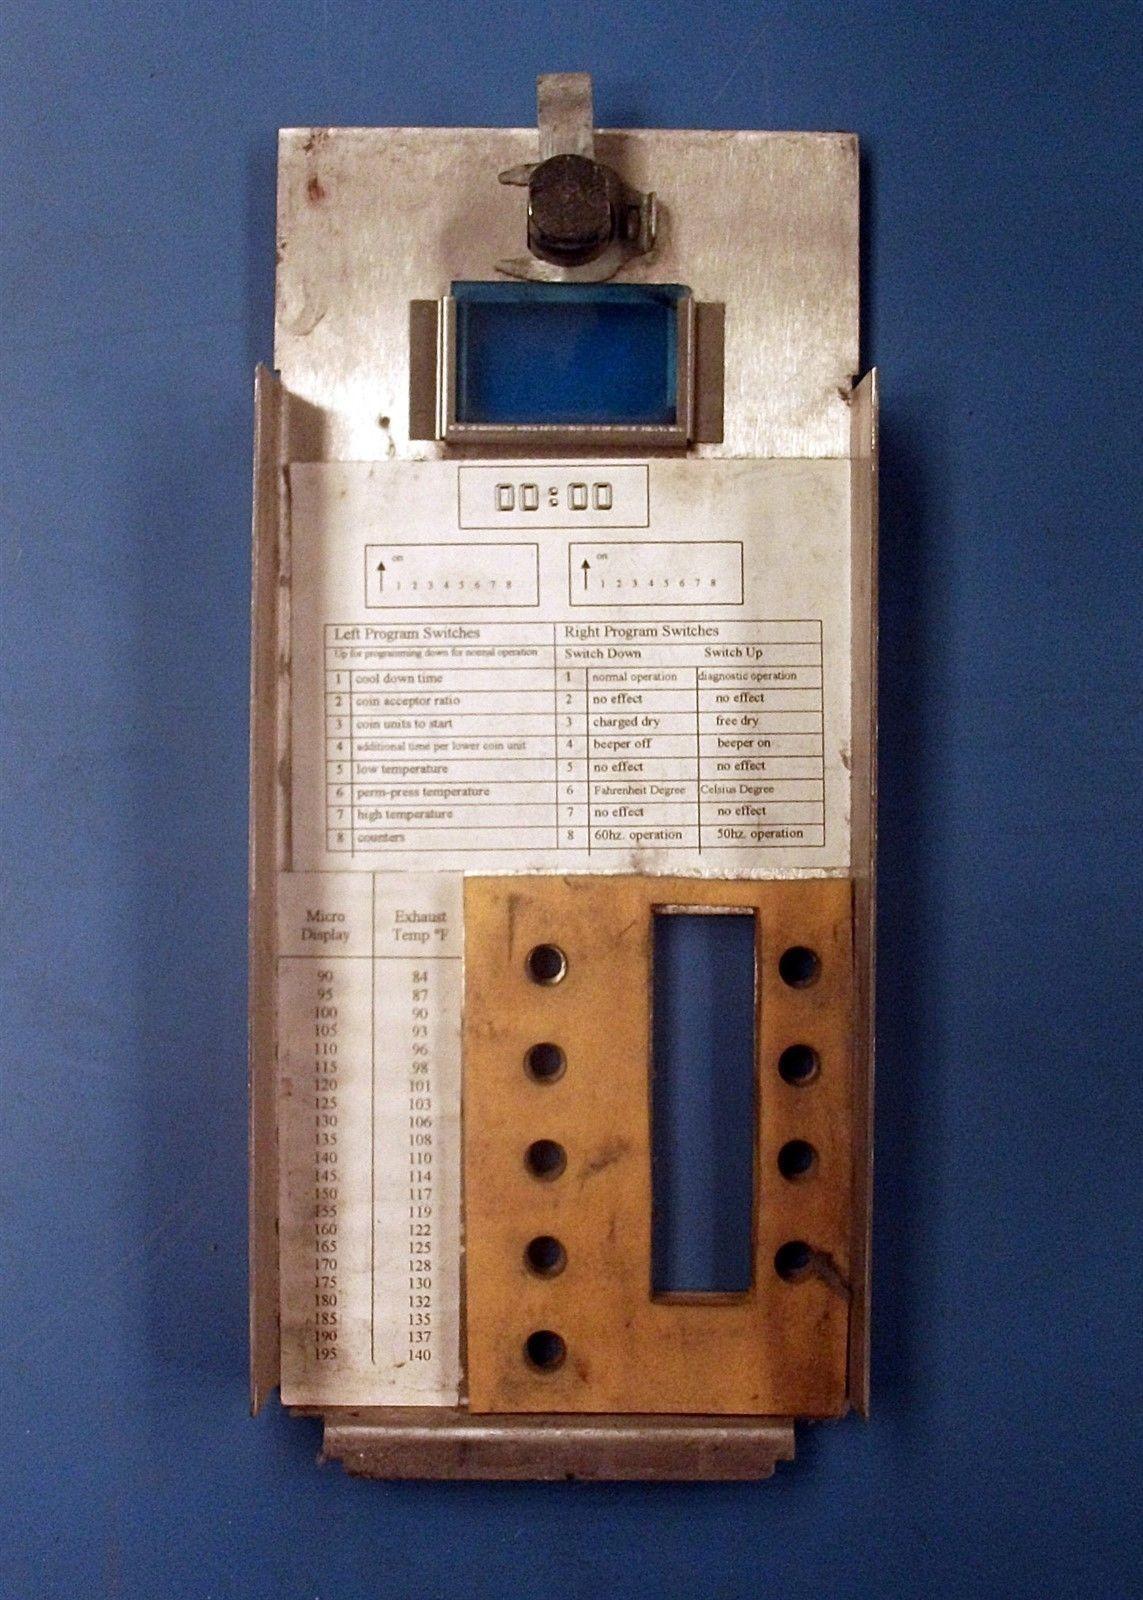 Speed Queen Wascomat Huebsch Upper Dryer Control Faceplate Model scd32dg